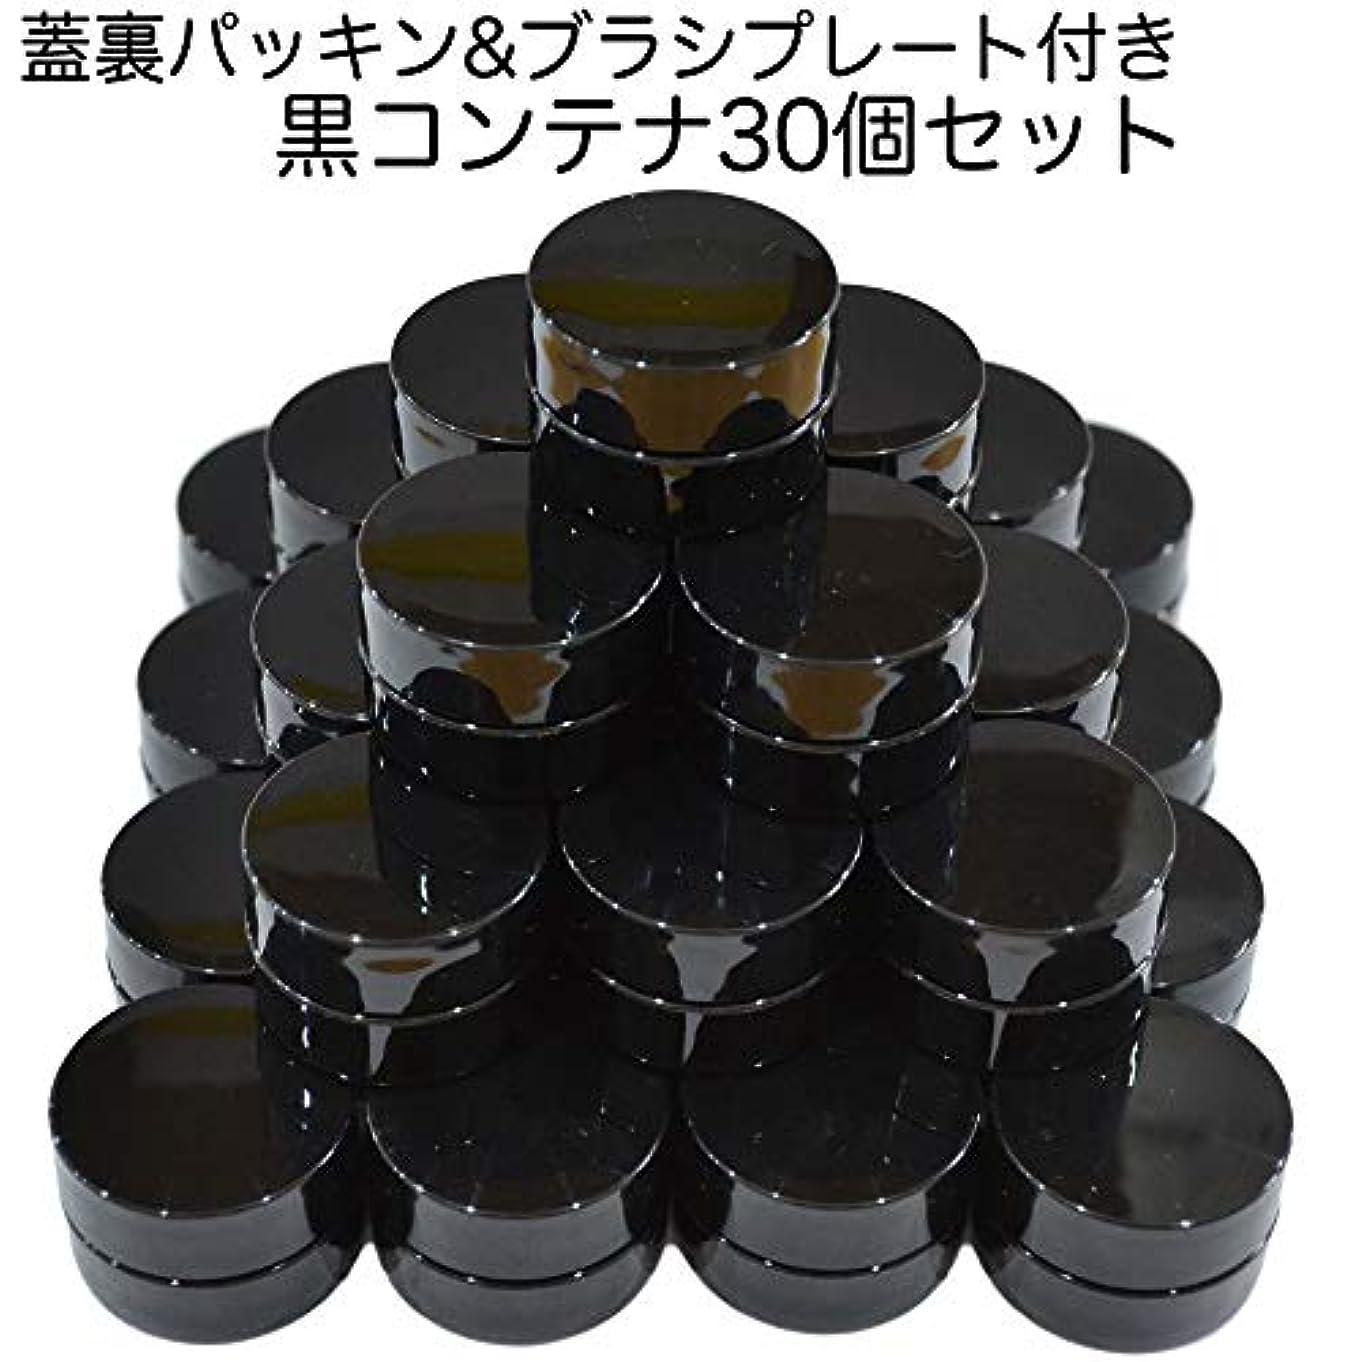 光のビーム冷蔵する30個セット/純国産ネイルジェルコンテナ 3g用 GA3g 漏れ防止パッキン&ブラシプレート付容器 ジェルを無駄なく使える底面傾斜あり 遮光 黒 ブラック